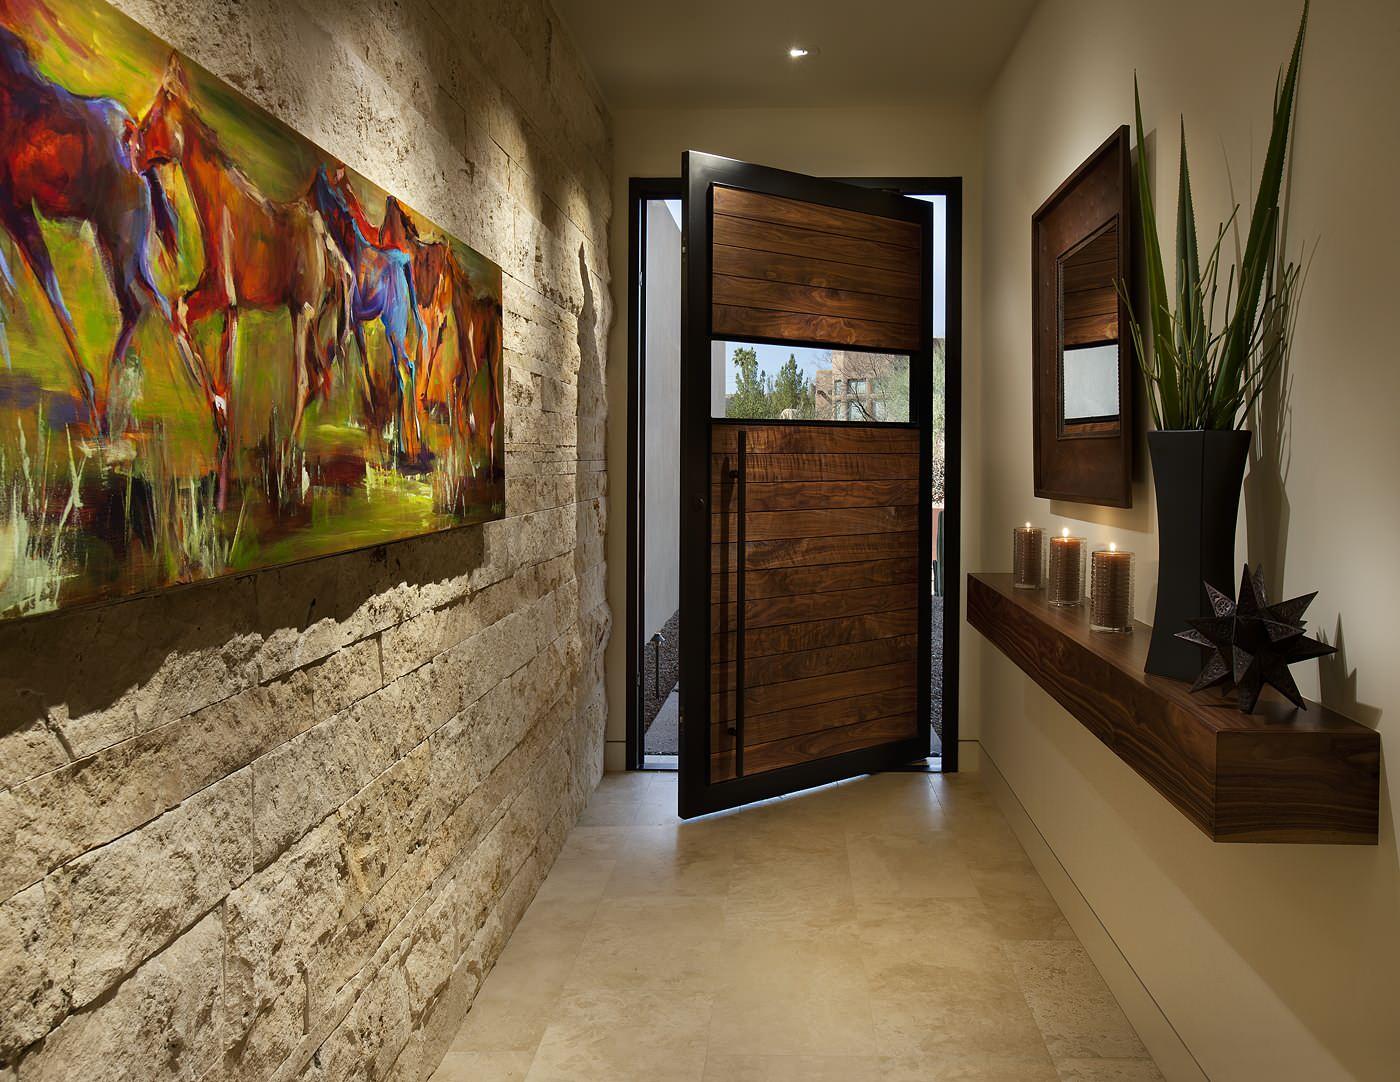 Décoration murale dans le couloir avec pierre décorative artificielle